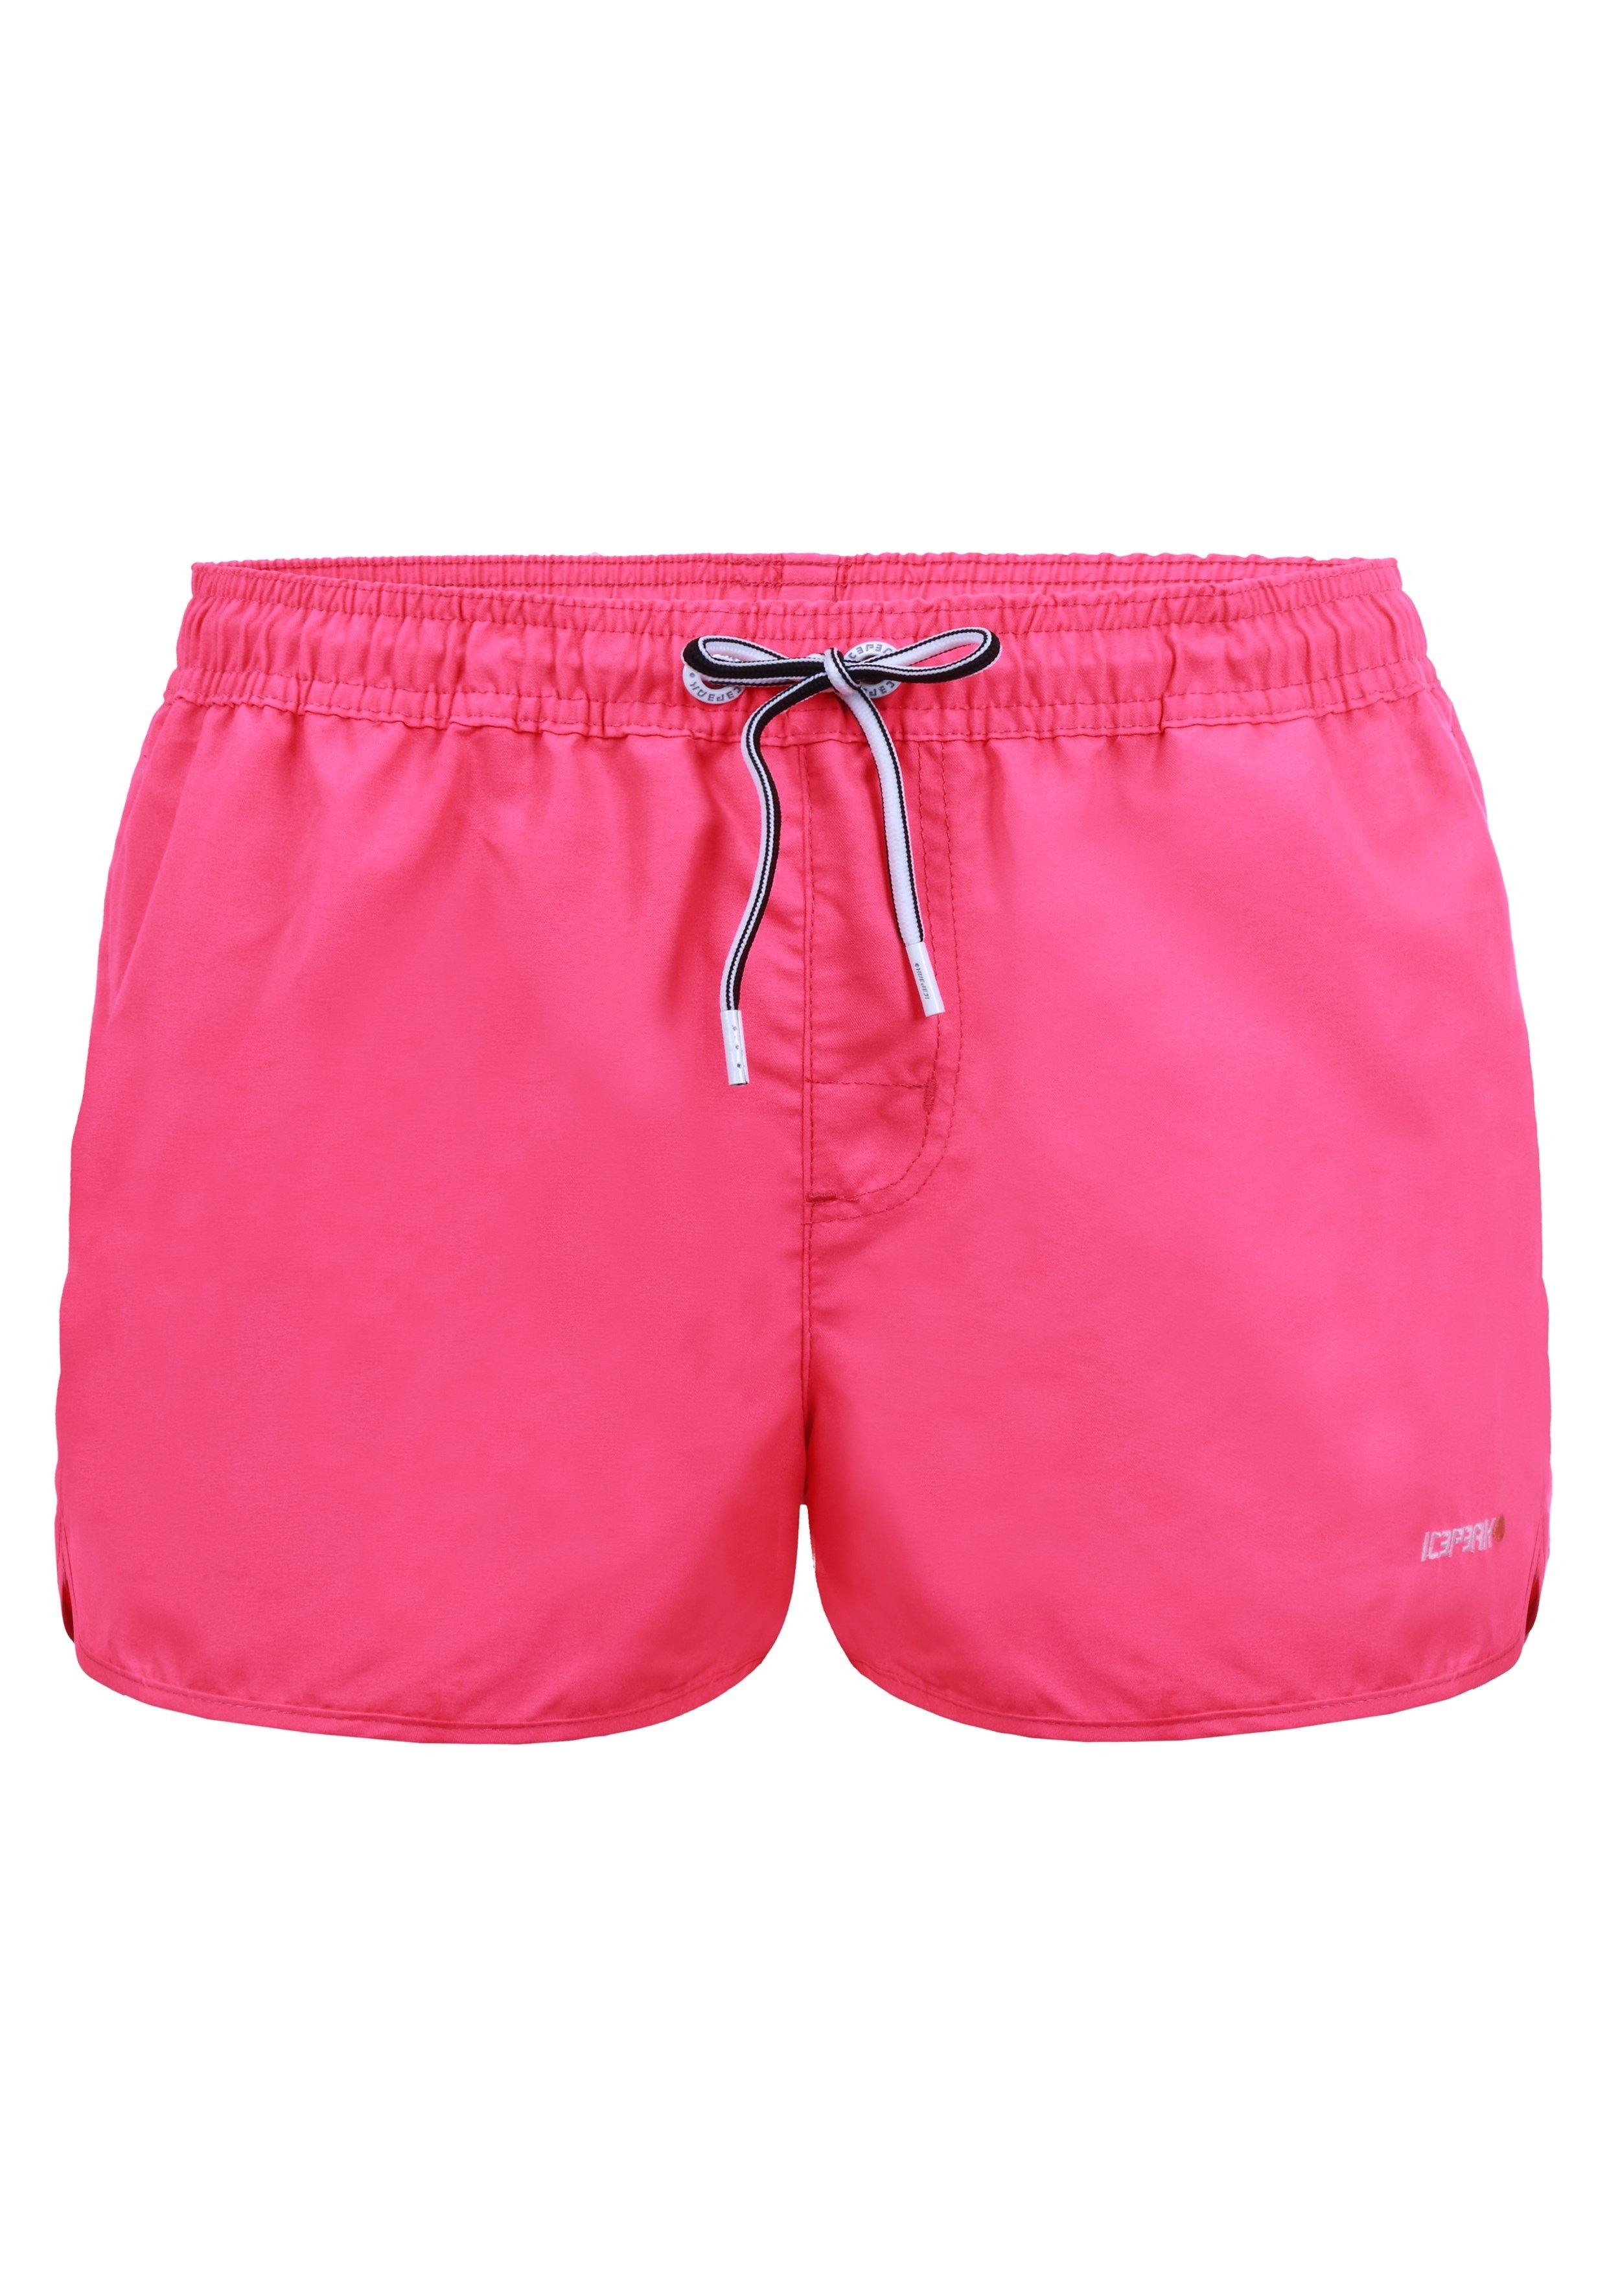 Icepeak Damen Badehose MAYEN 554524 pink